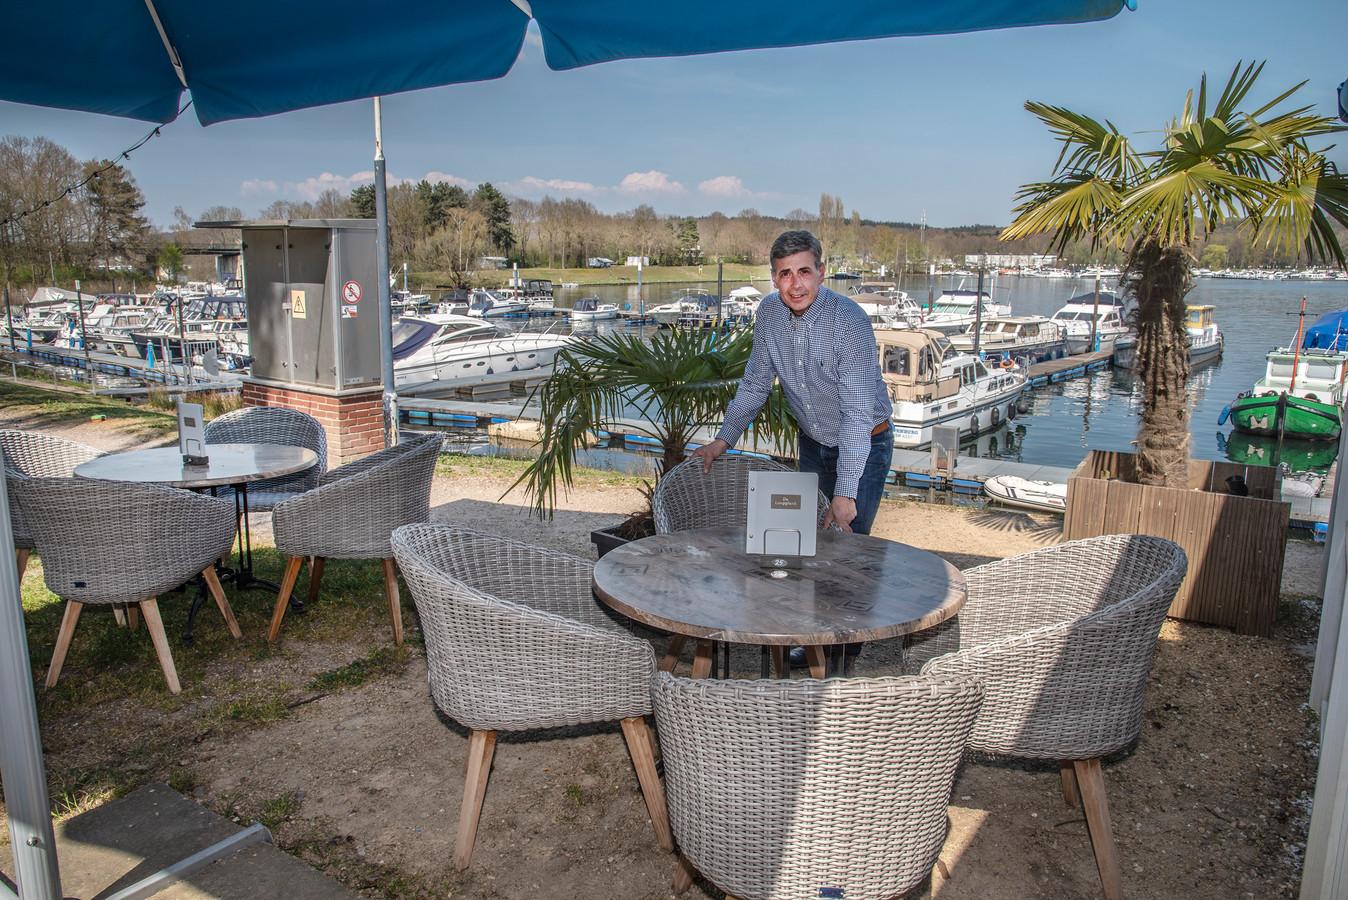 Hans Verhagen van restaurant De Loopplank in Middelaar is zijn terras aan het opknappen en zet alles meteen zover uit elkaat dat de gasten straks rustig kunnen zitten. Alles  anderhalve meter uit elkaar.